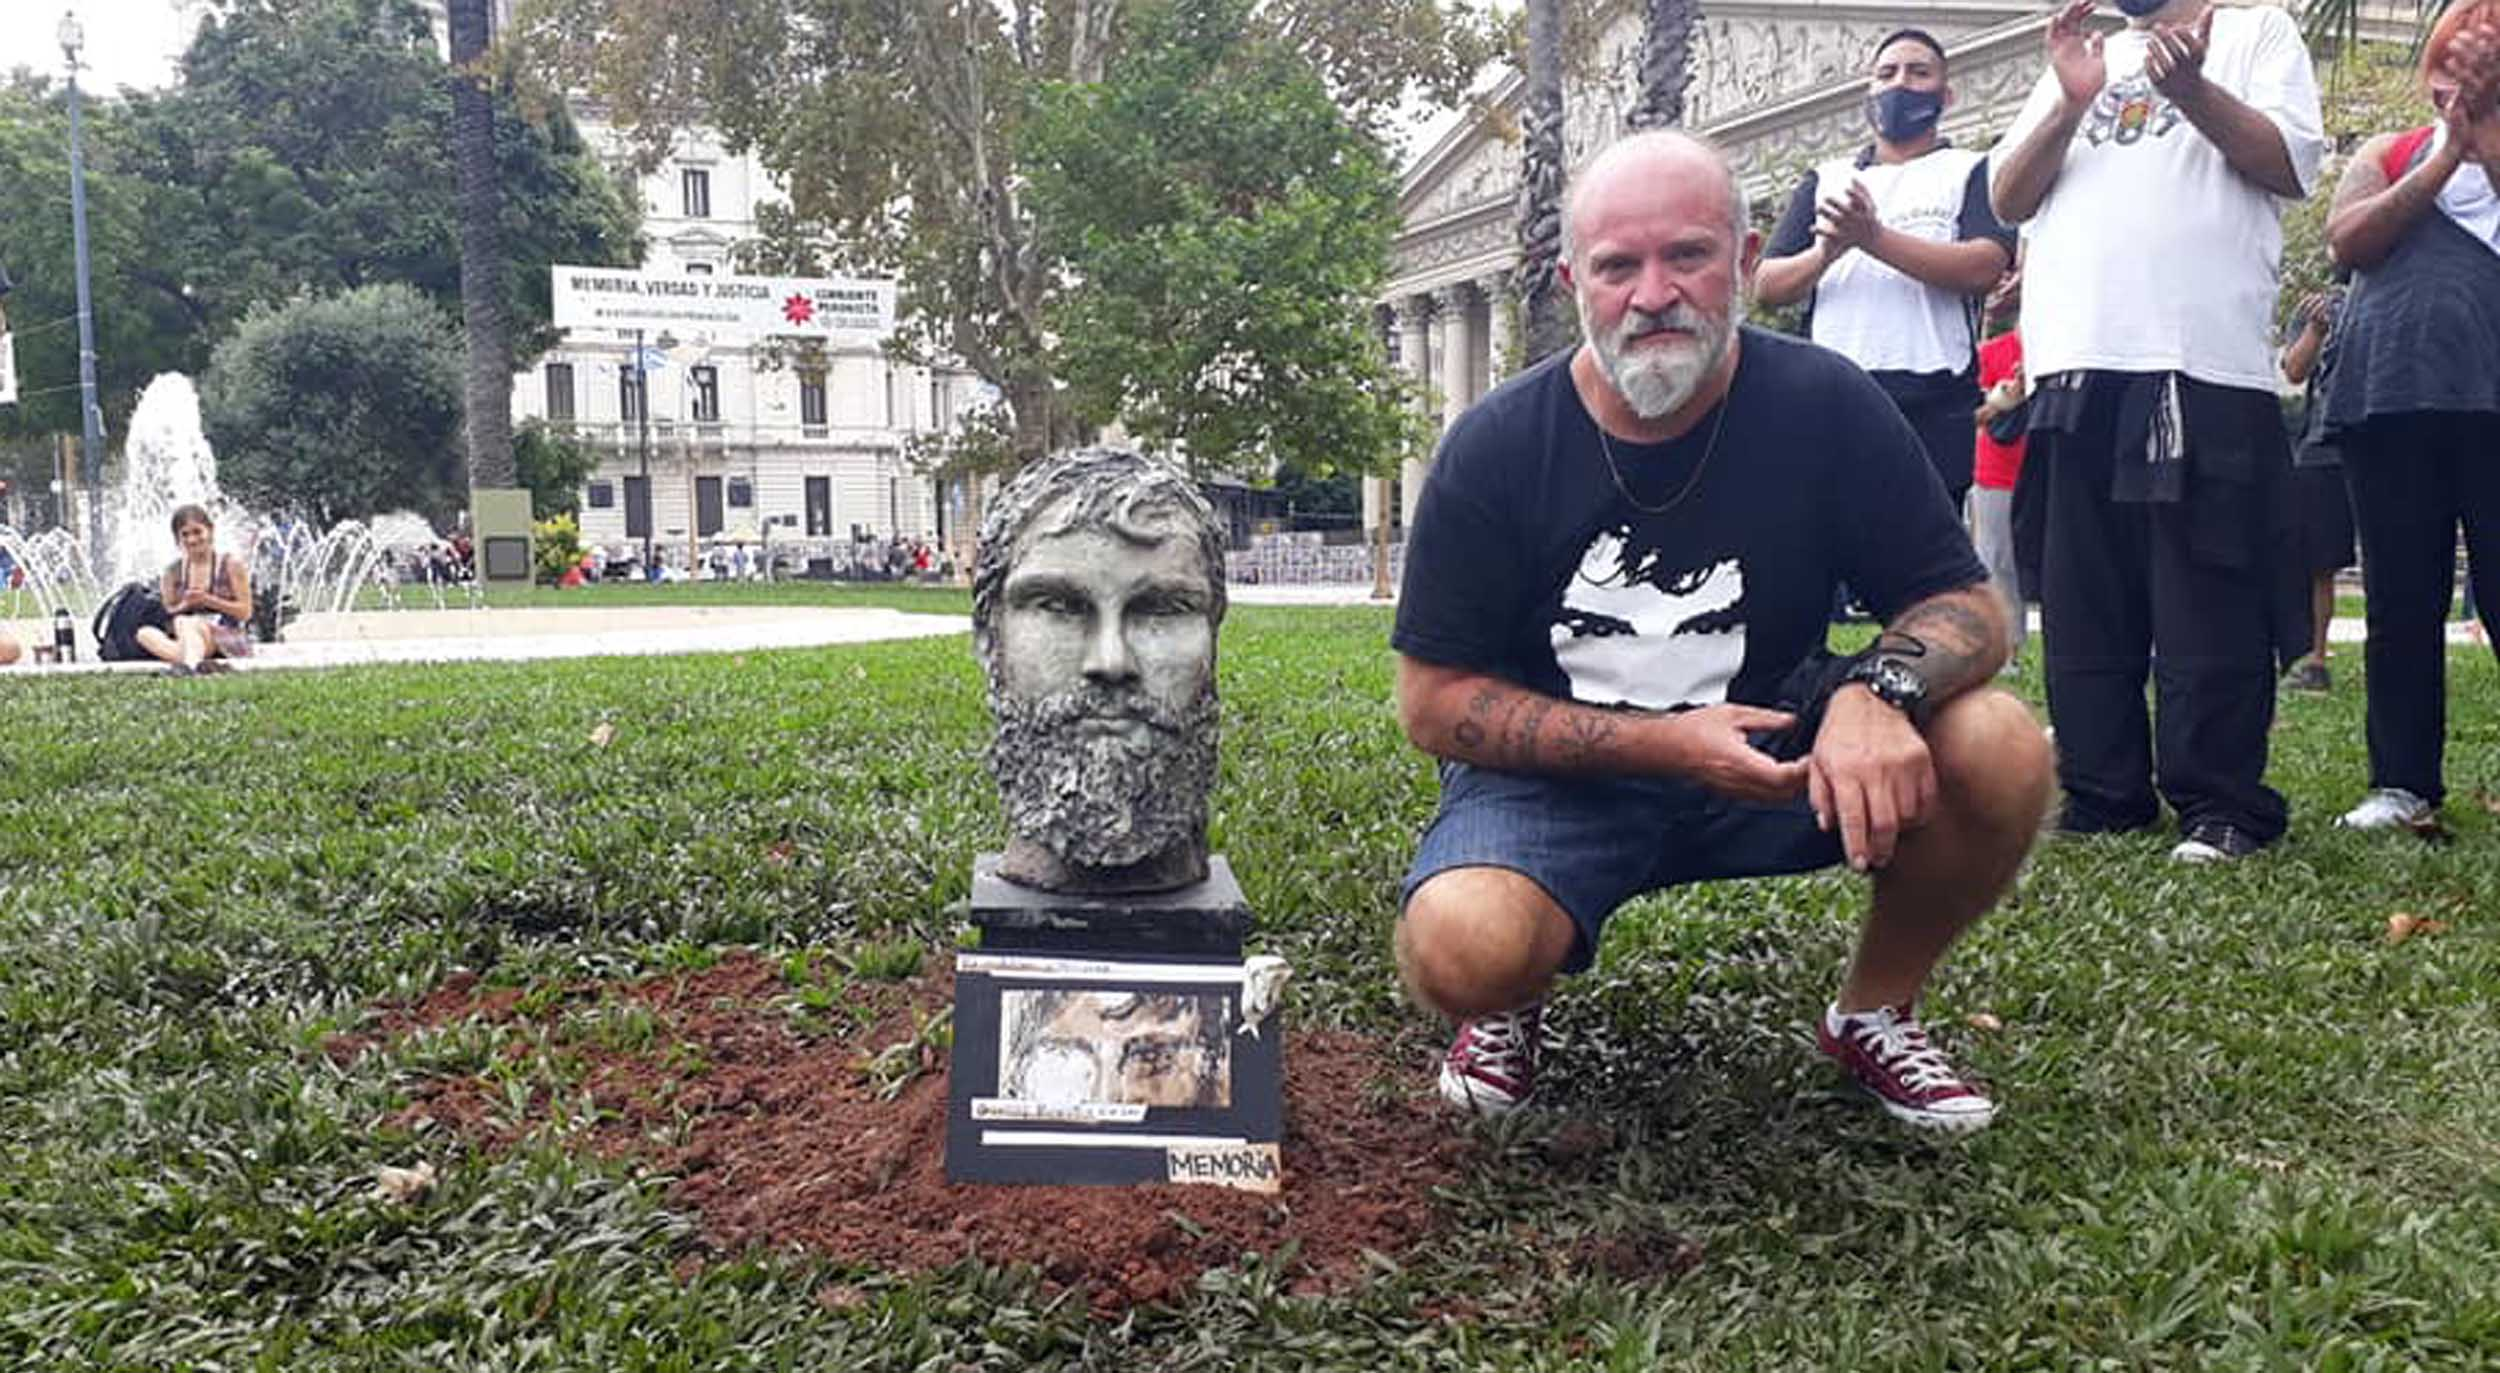 pusieron-un-busto-de-santiago-maldonado-en-la-plaza-de-mayo